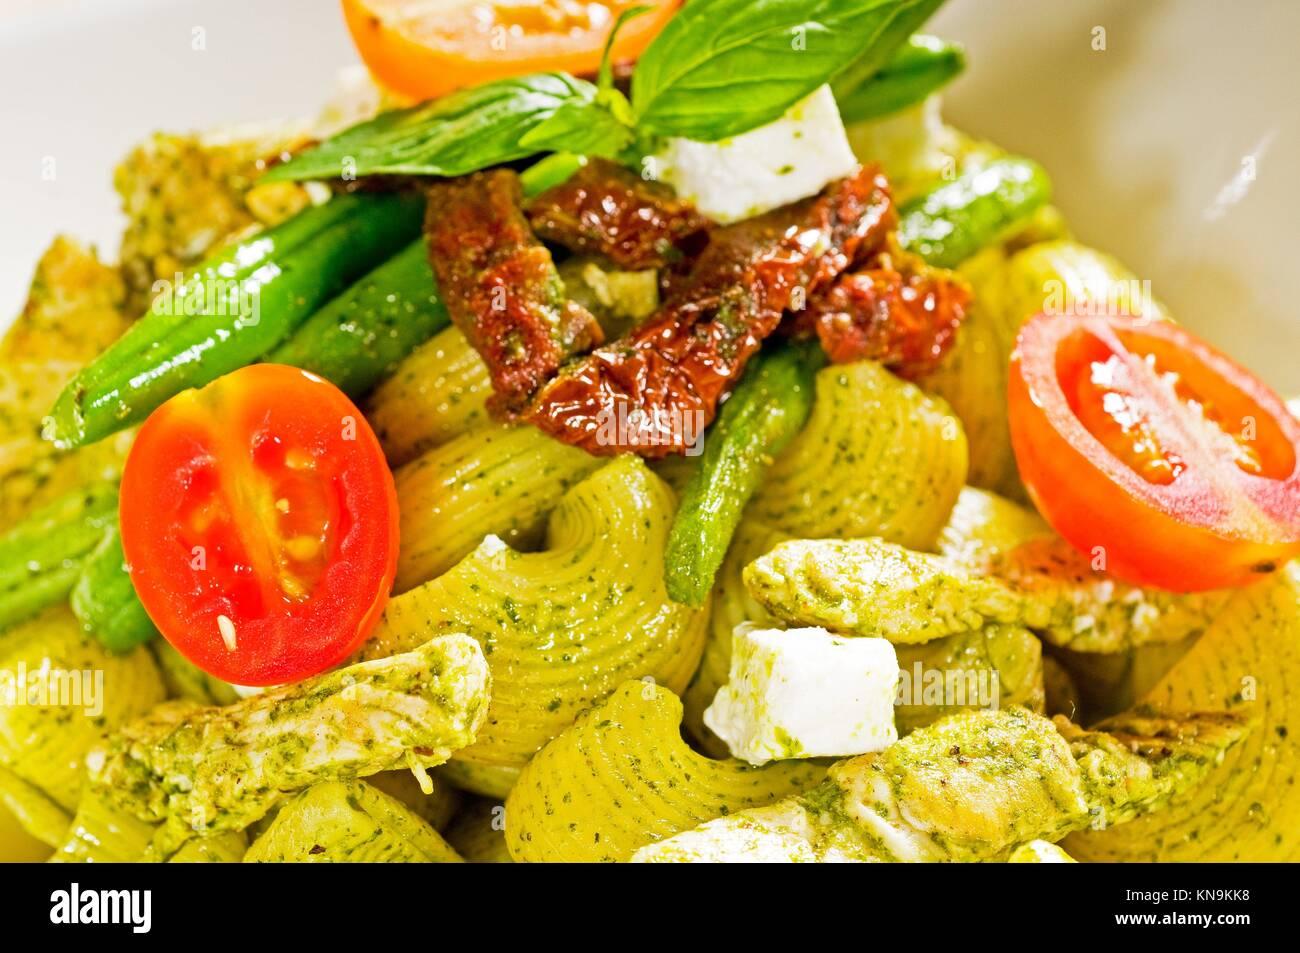 Pâtes fraîches lumaconi et sauce pesto de légumes et tomates séchées,cuisine italienne Photo Stock